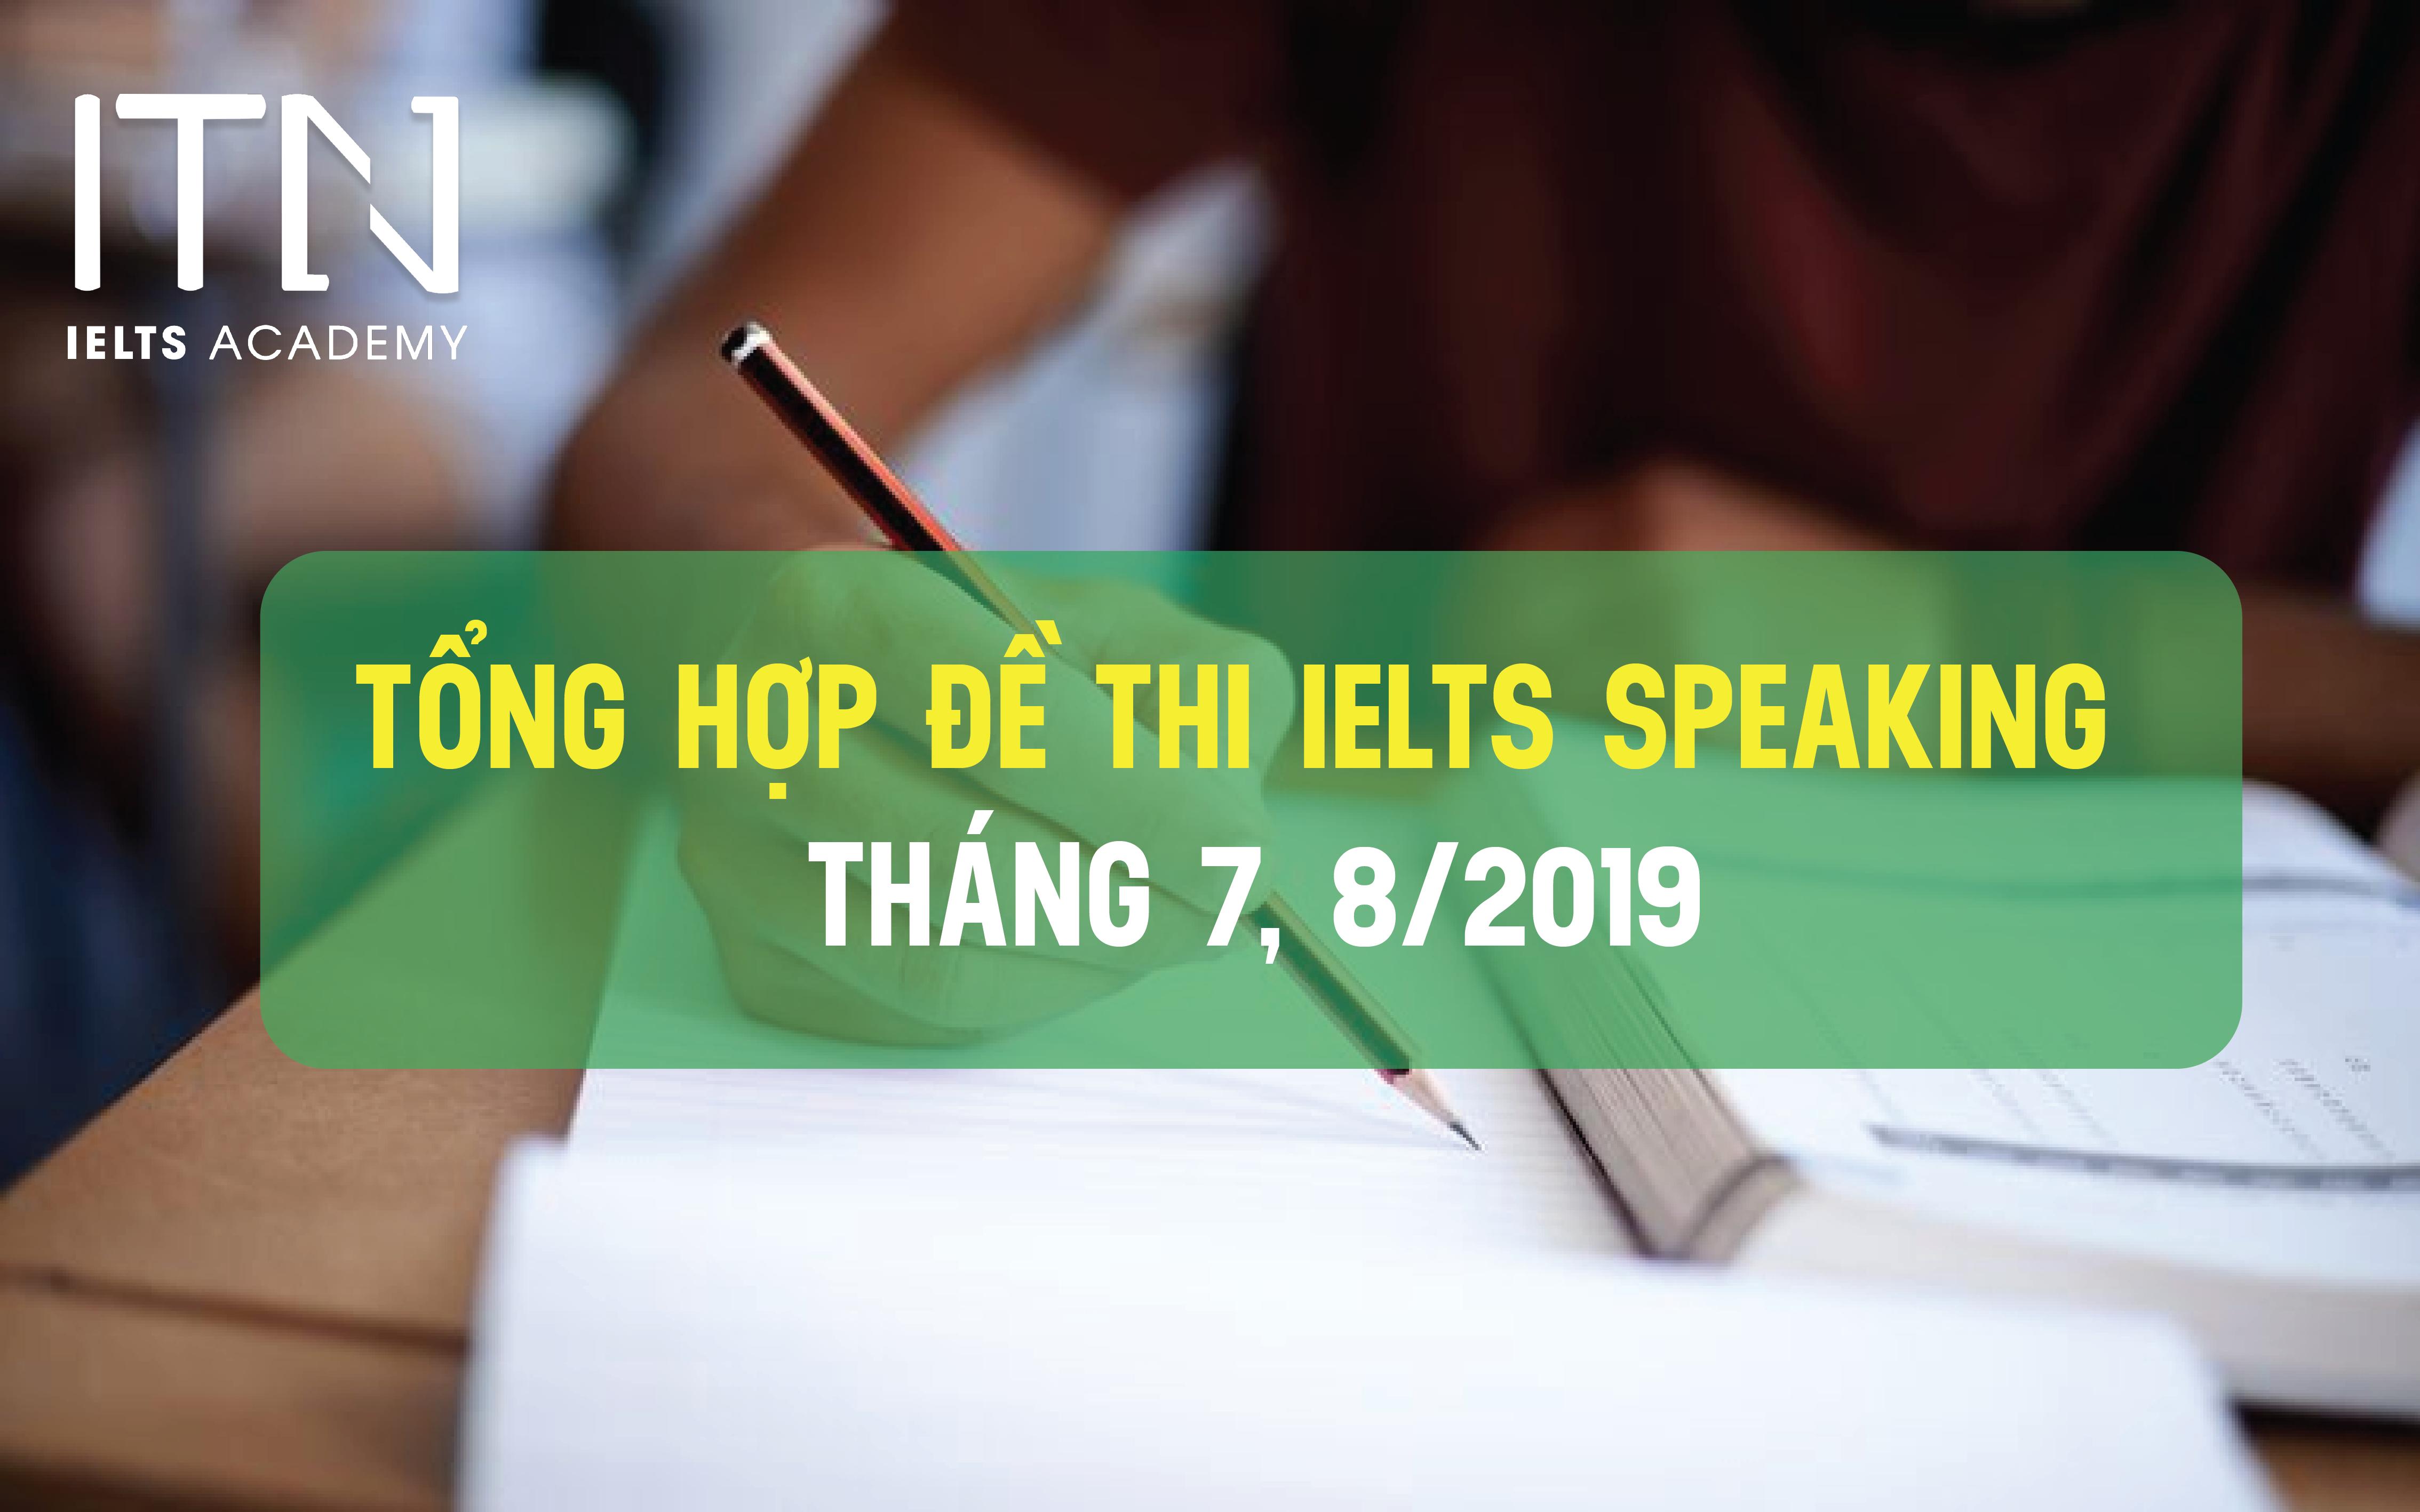 Tổng Hợp Đề Thi Ielts Speaking Tháng 7, 8/2019 Cực Chi Tiết